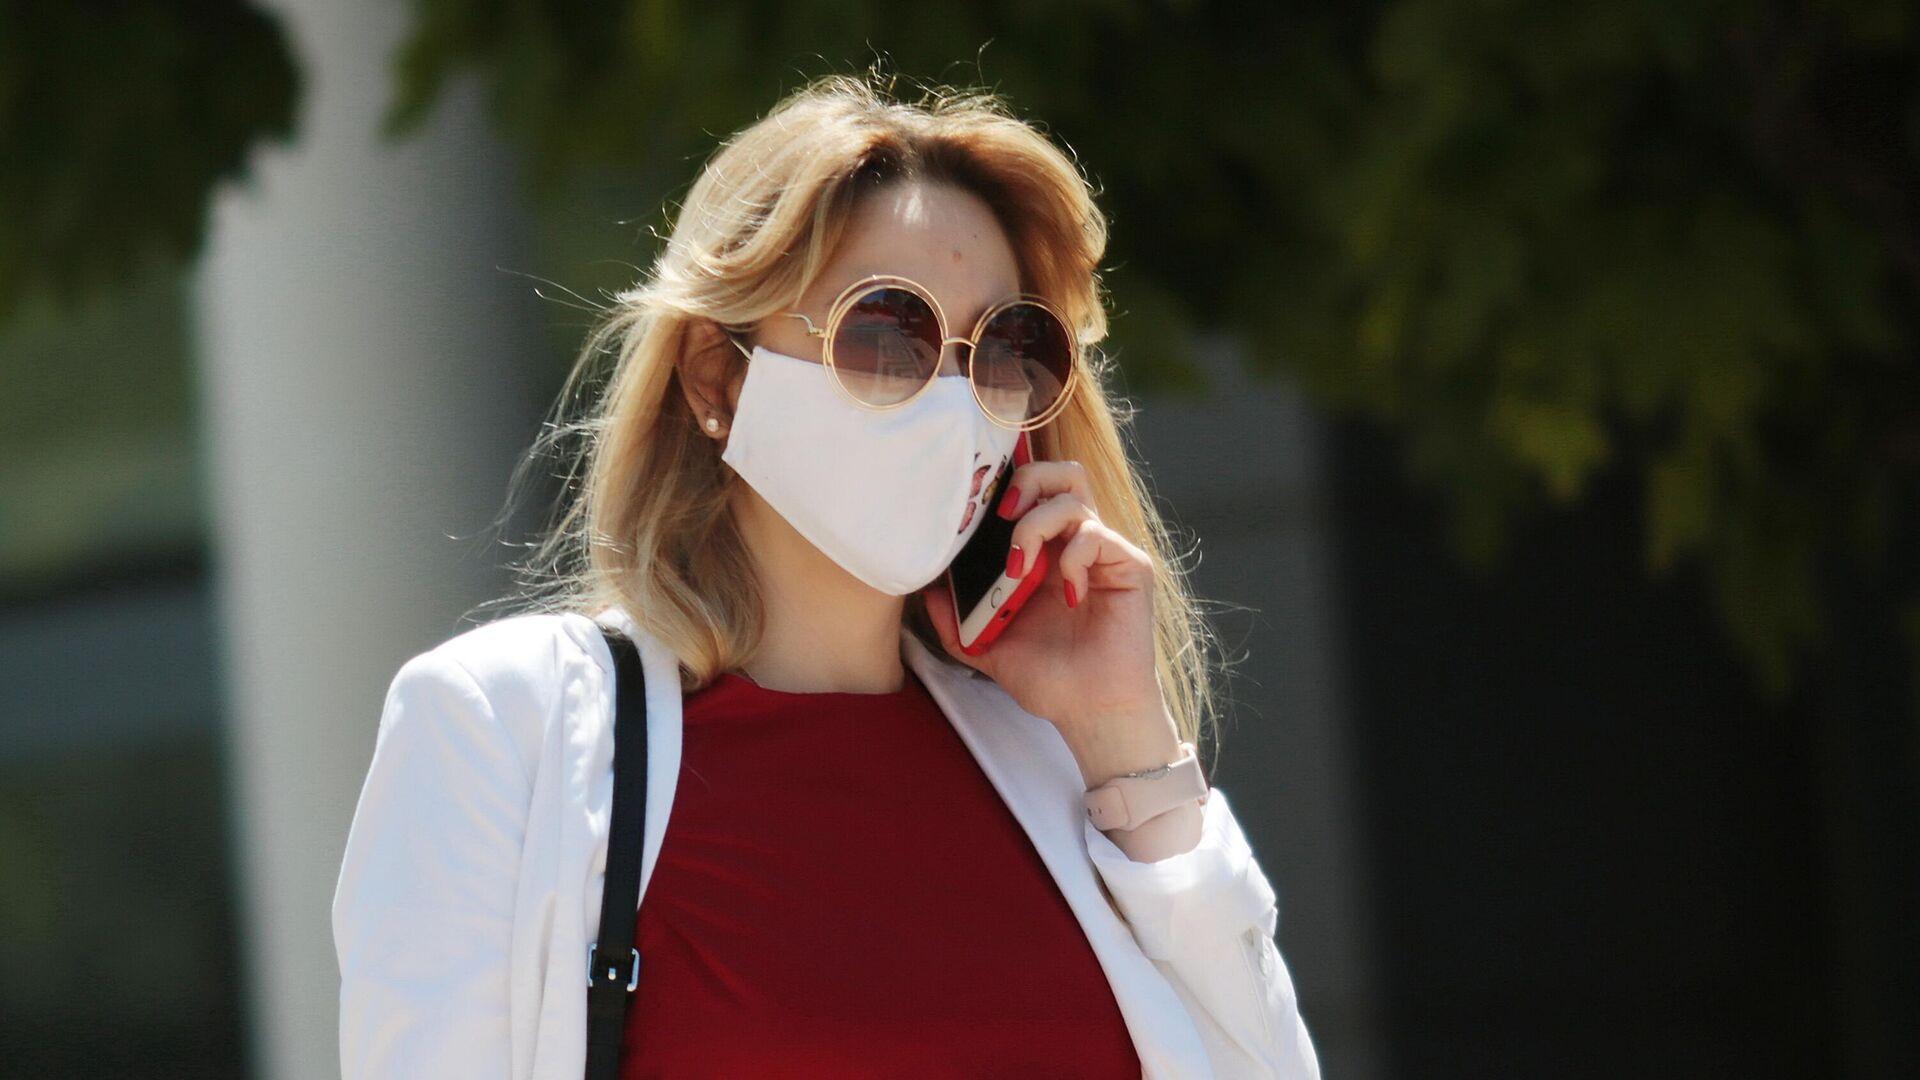 Девушка разговаривает по телефону, гуляя в защитной маске по Гагаринскому парку в Симферополе - РИА Новости, 1920, 06.05.2021